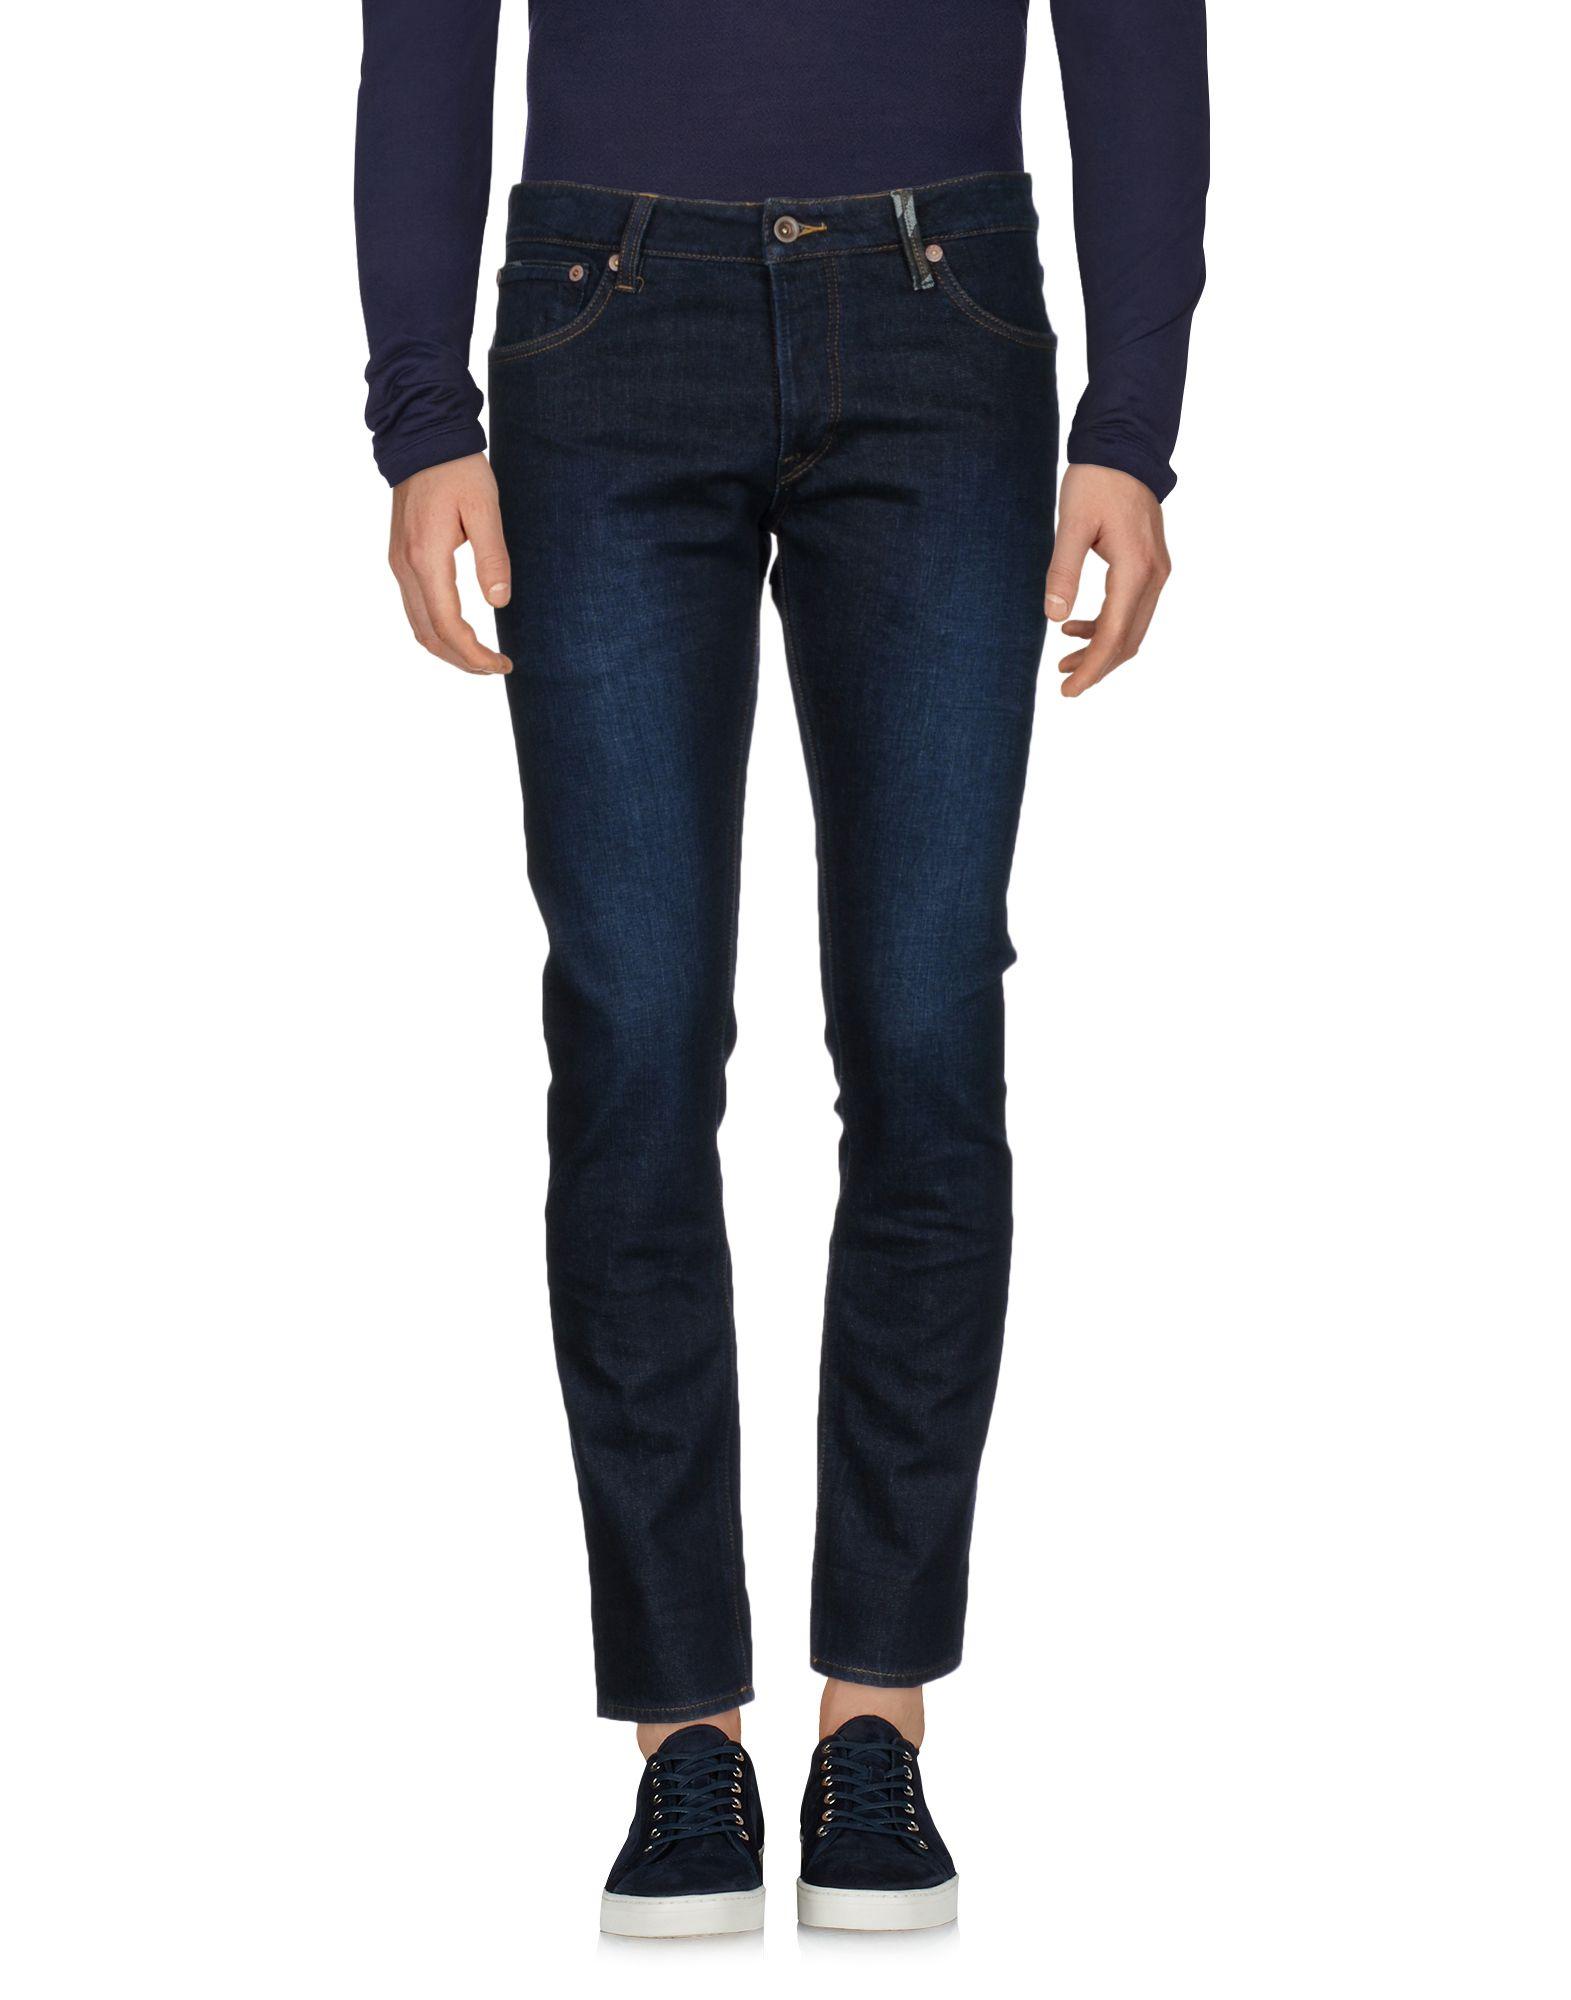 Pantaloni Jeans Pepe Pepe Jeans Jeans Uomo - 42670266TC c650d4